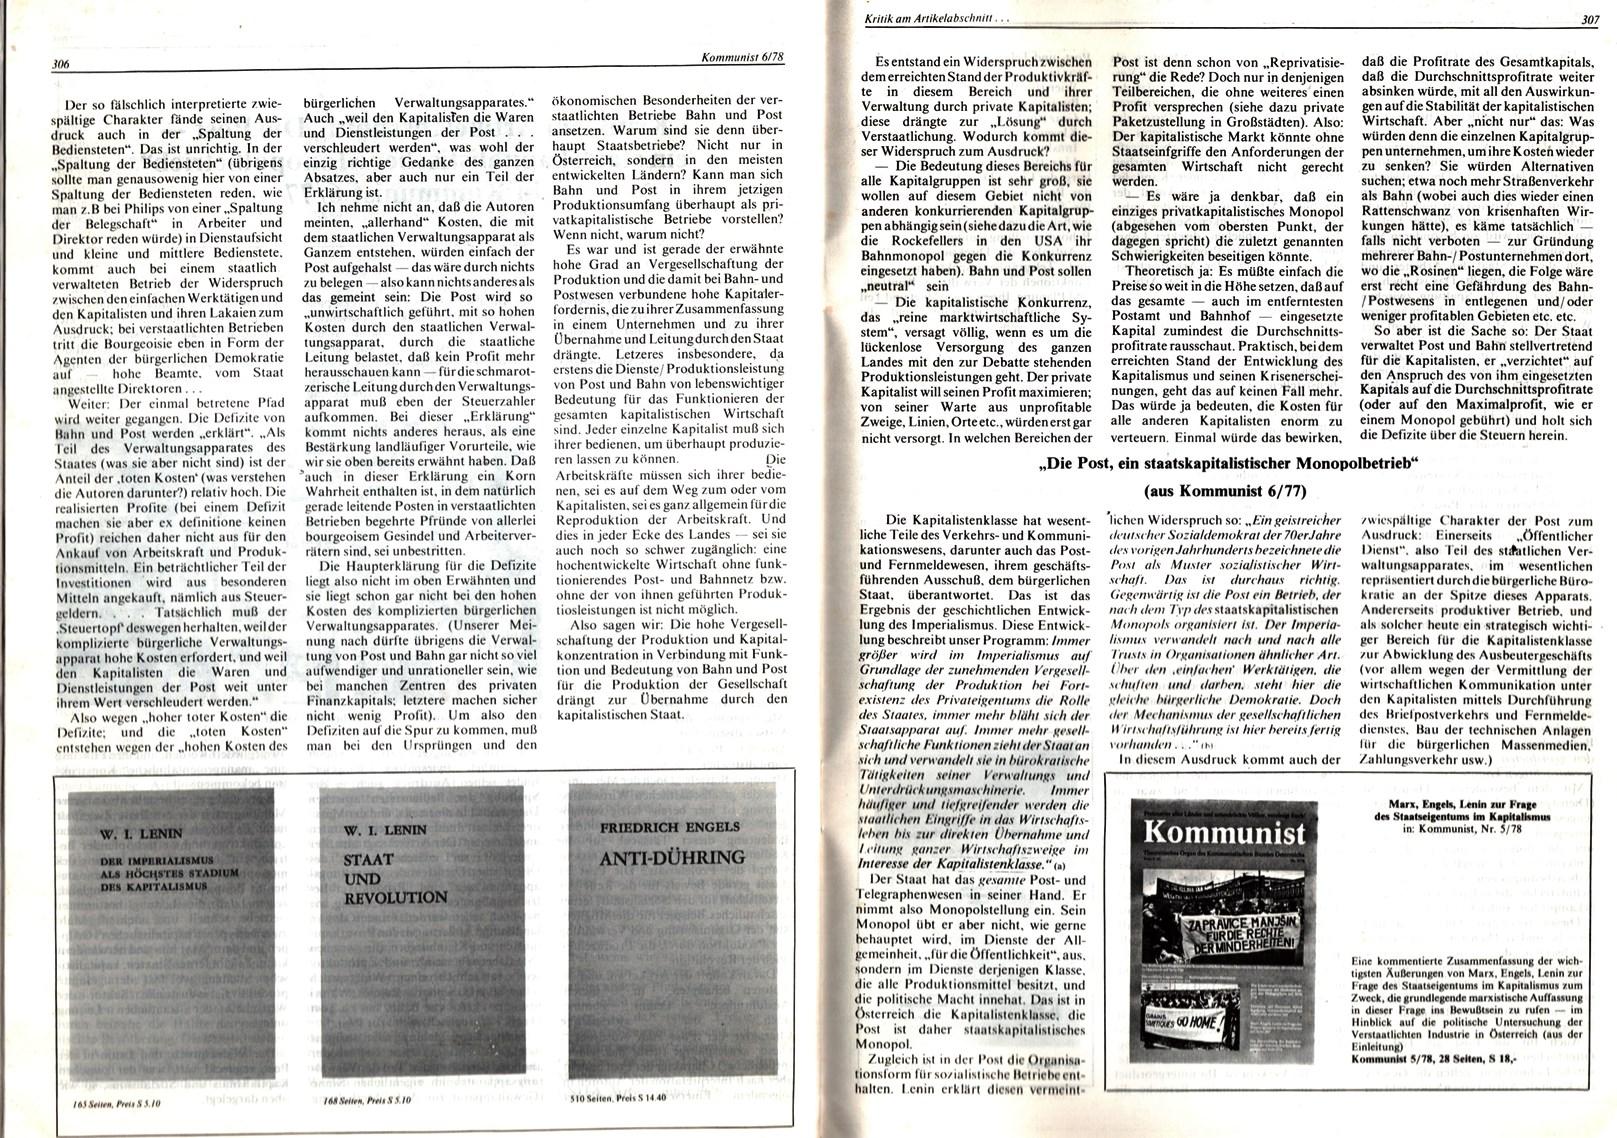 KBOe_TO_Kommunist_19780800_006_017